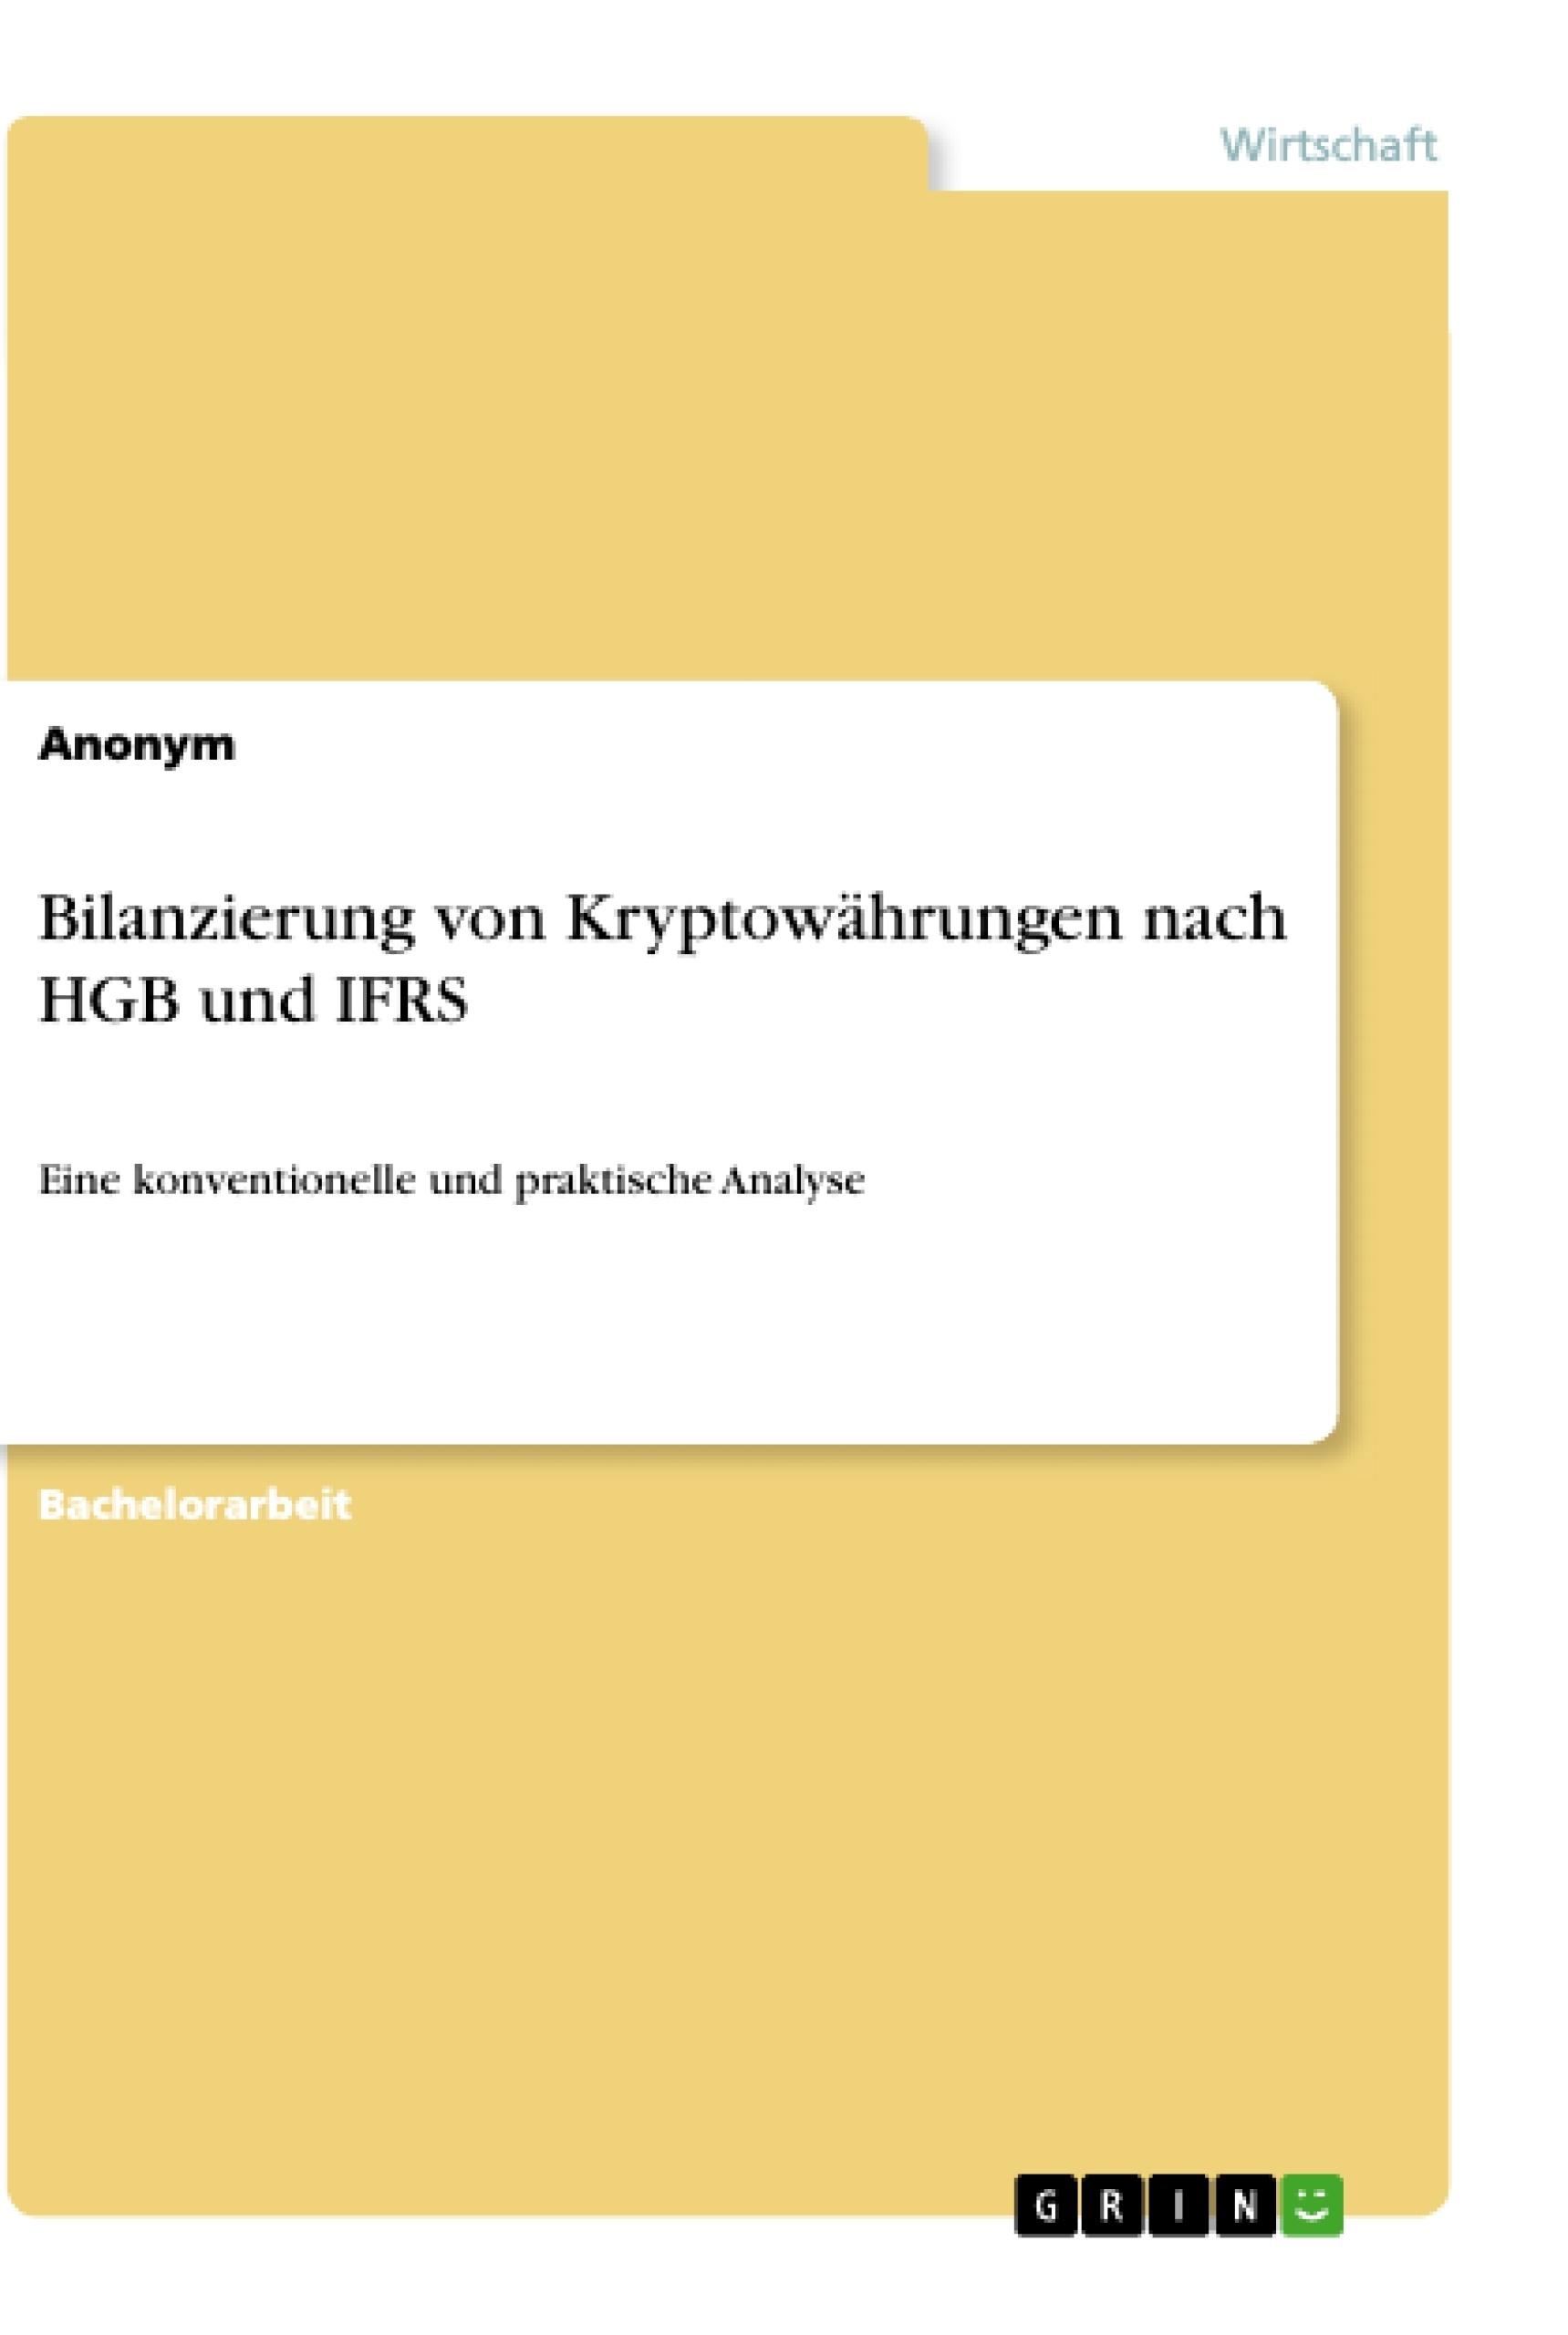 Titel: Bilanzierung von Kryptowährungen nach HGB und IFRS